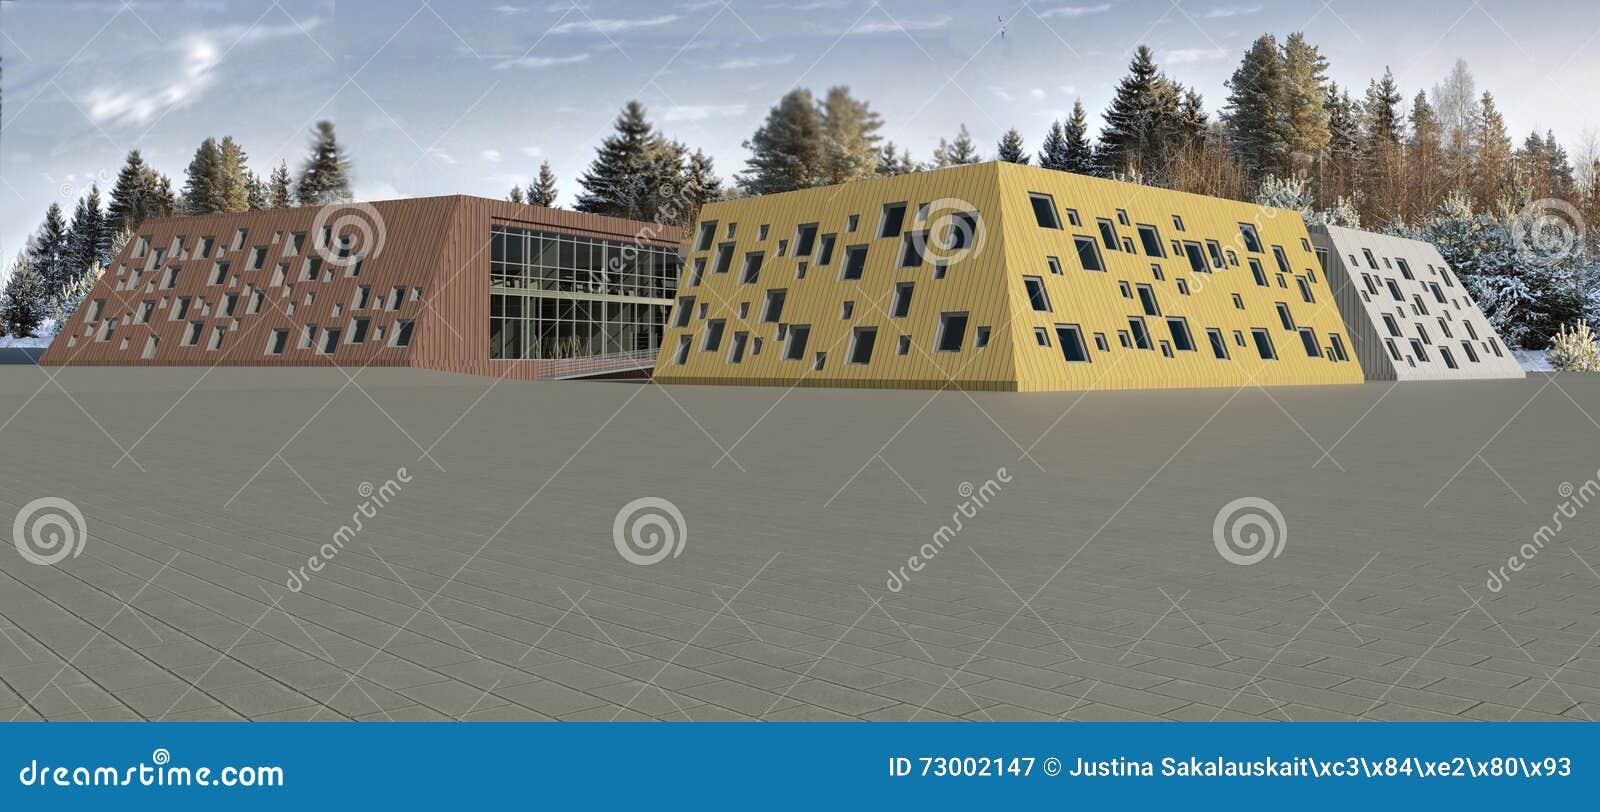 Progetti Esterni Scuola Primaria : Scuola a limbiate monza tecnicaer engineering